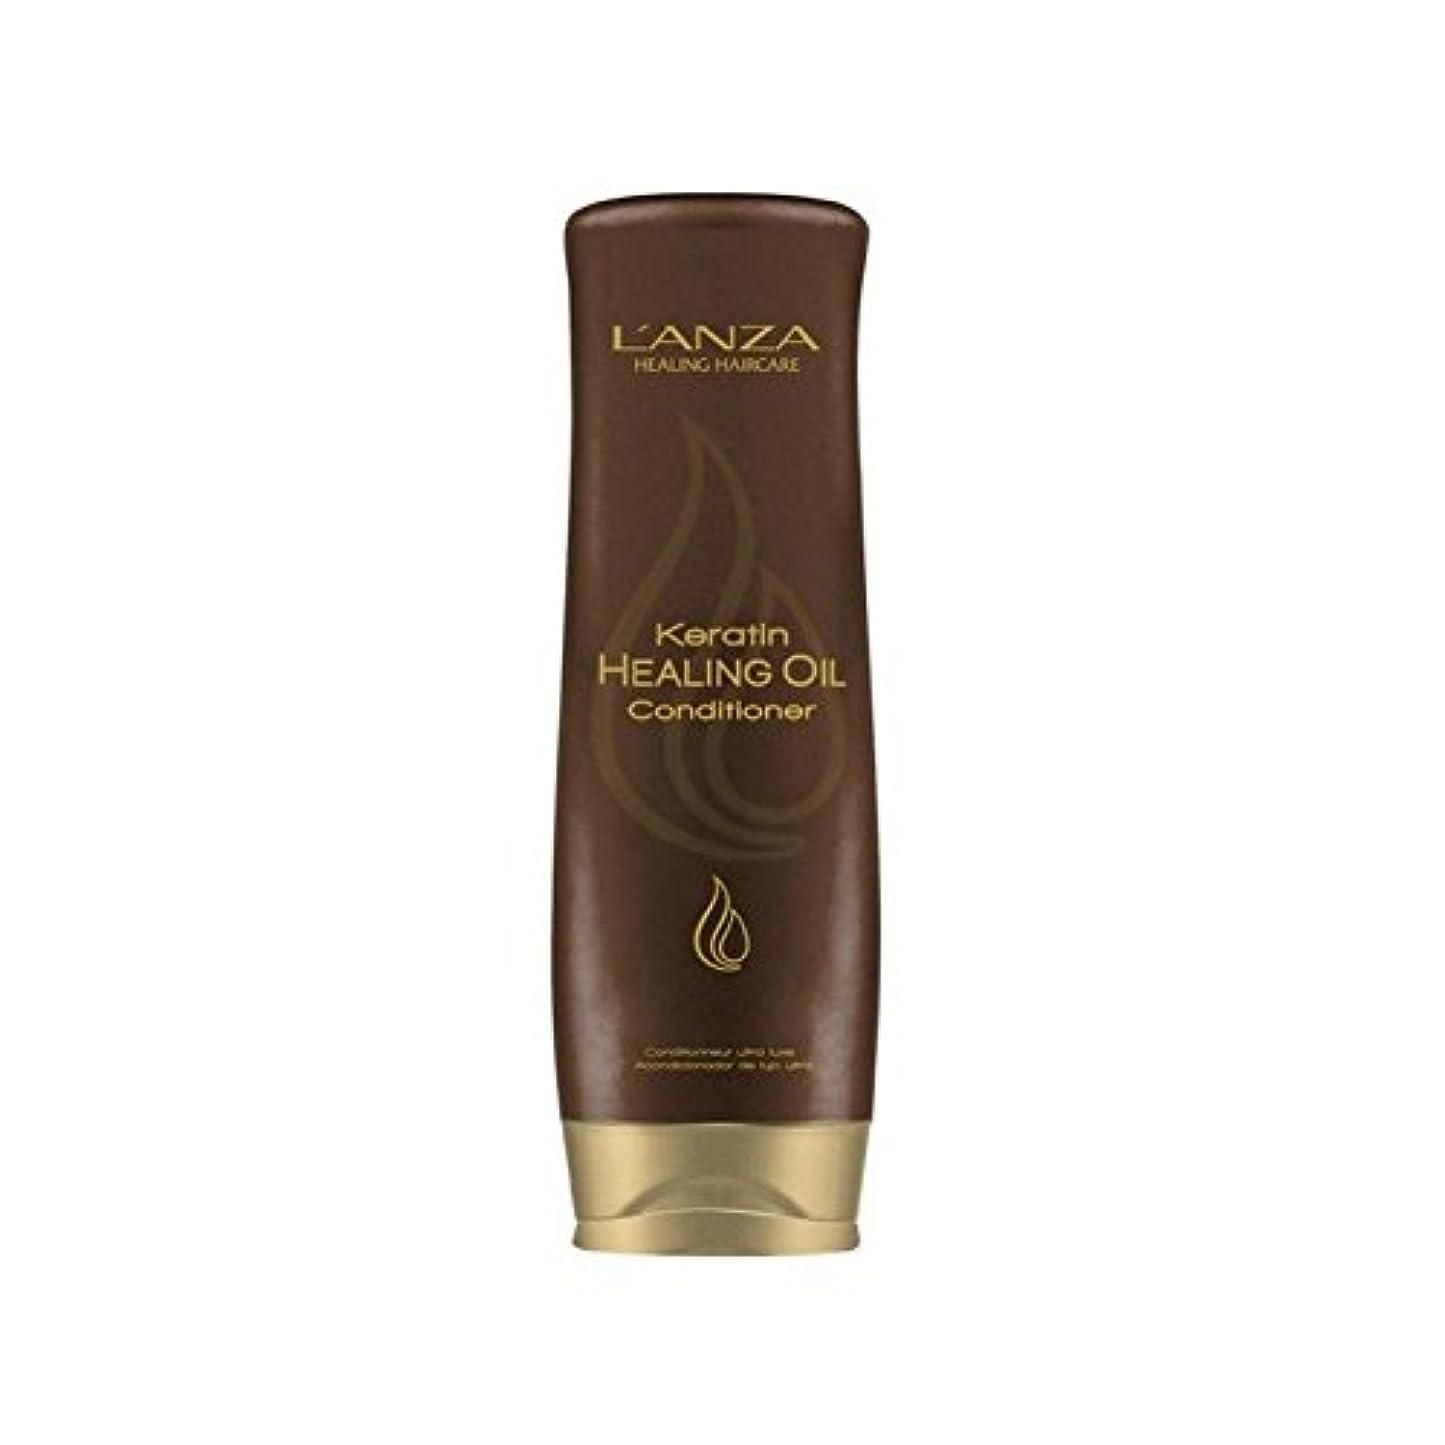 オール現実的詐欺師L'Anza Keratin Healing Oil Conditioner (250ml) - アンザケラチンオイルコンディショナー(250ミリリットル)を癒し [並行輸入品]